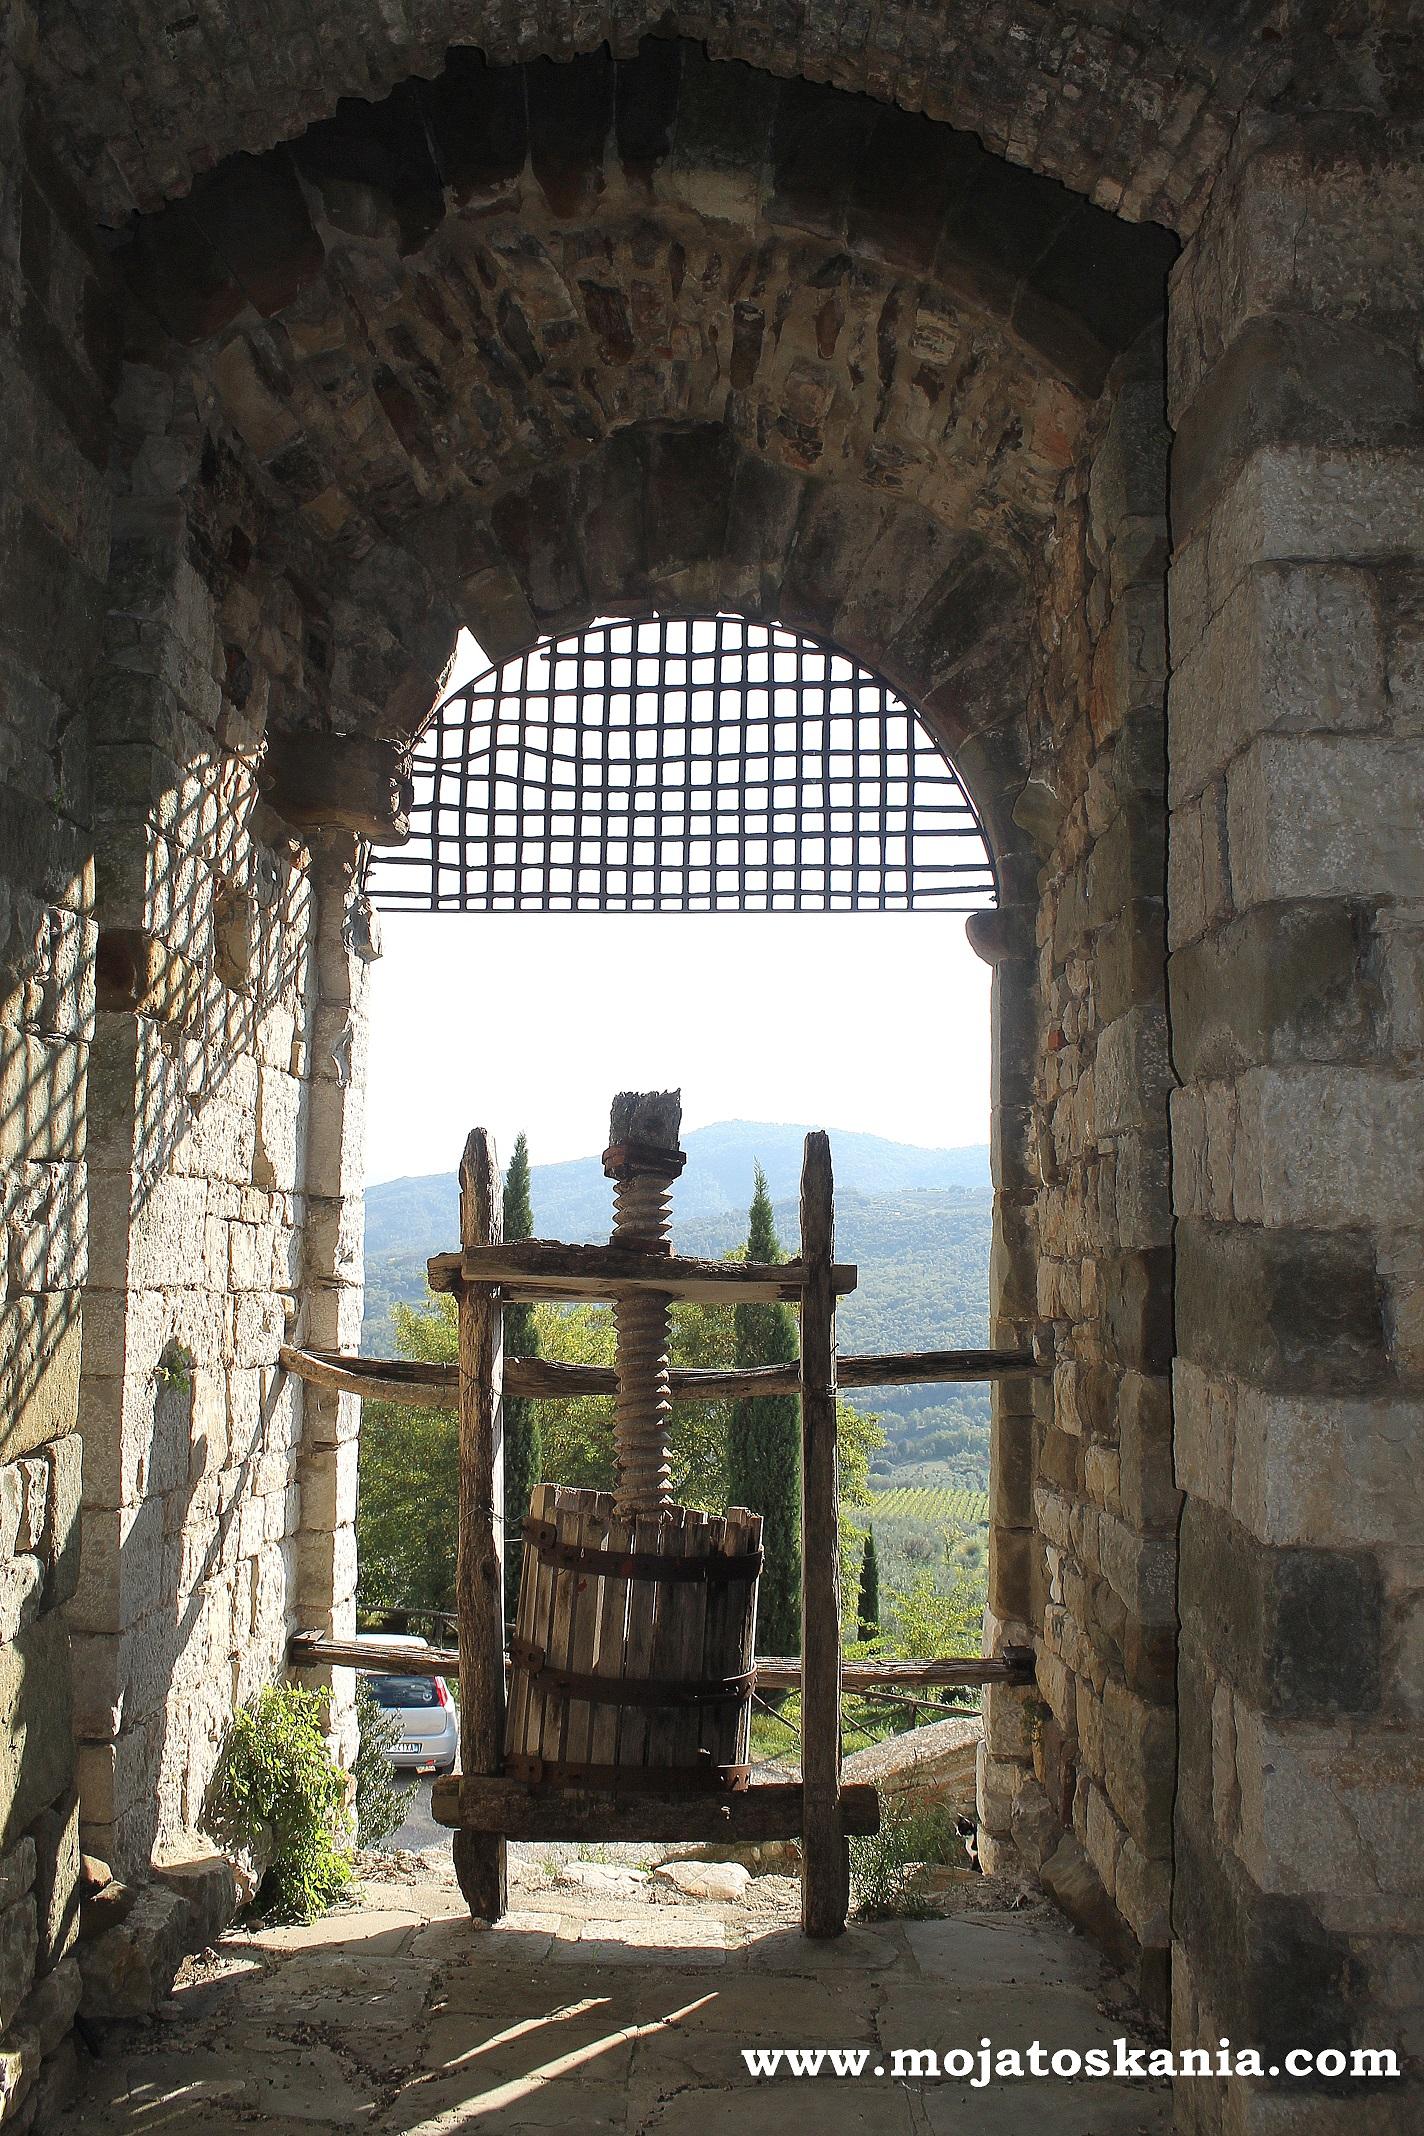 wieza wyciskarka do soku winogronowego